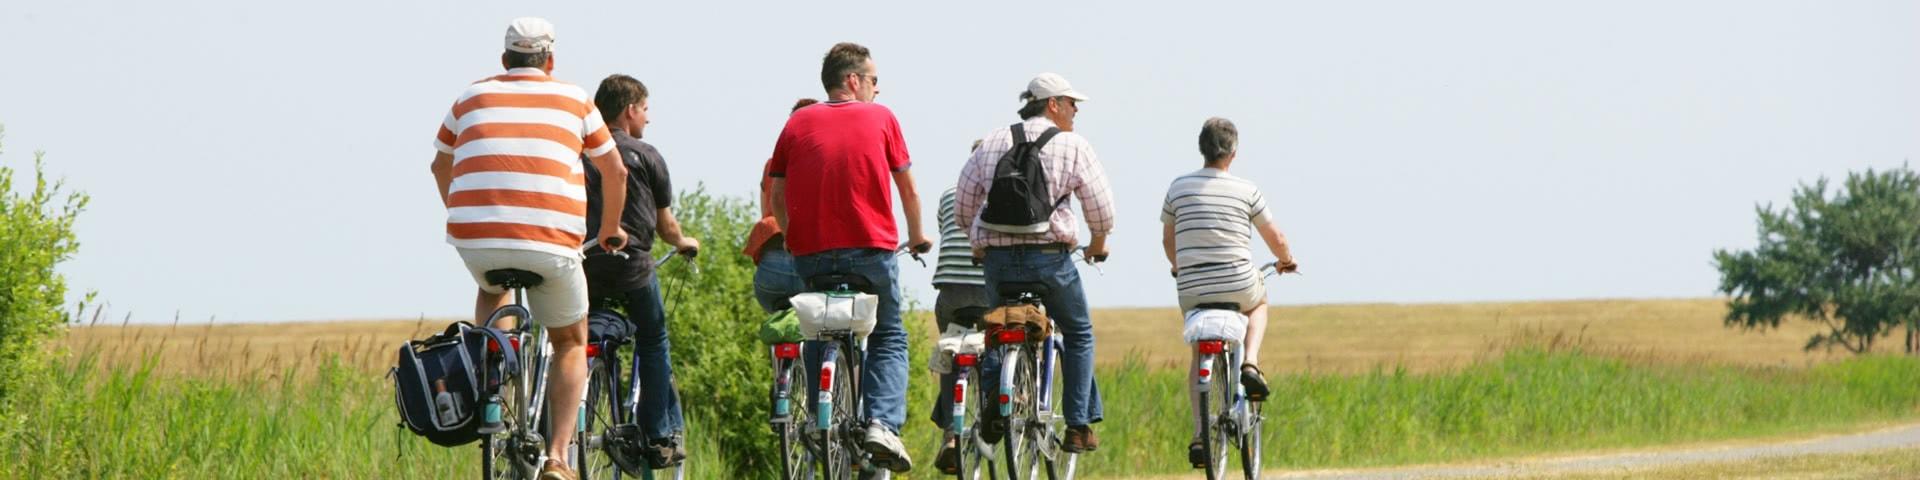 Gruppe macht Fahrradtour auf Borkum vorbei an Wiesen und Feldern